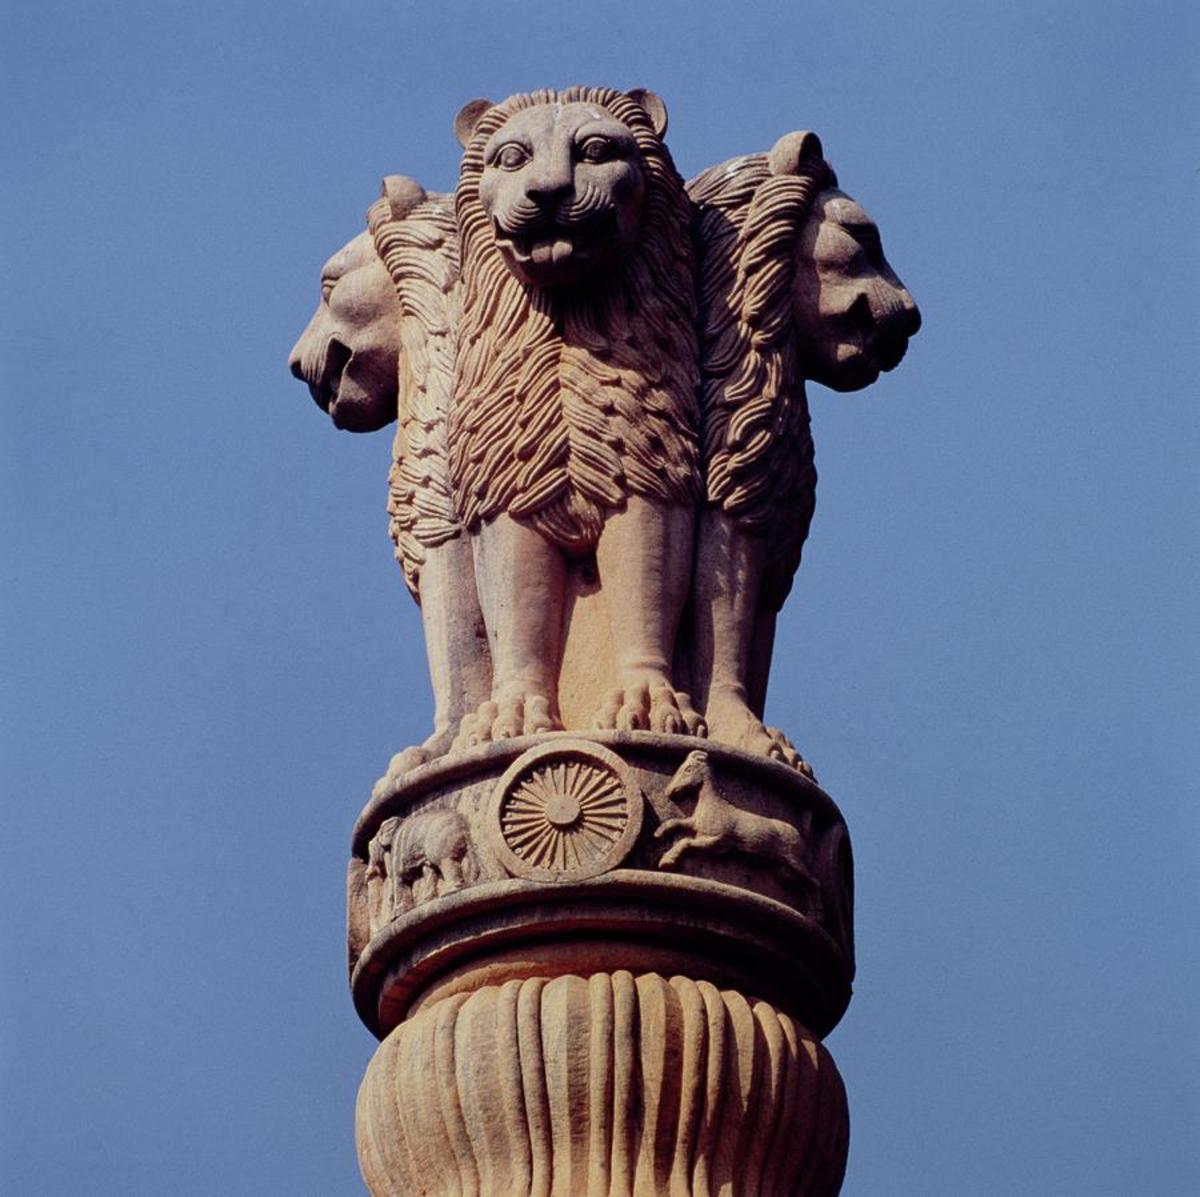 rulers-of-a-great-dynasty-mauryan-dynasty